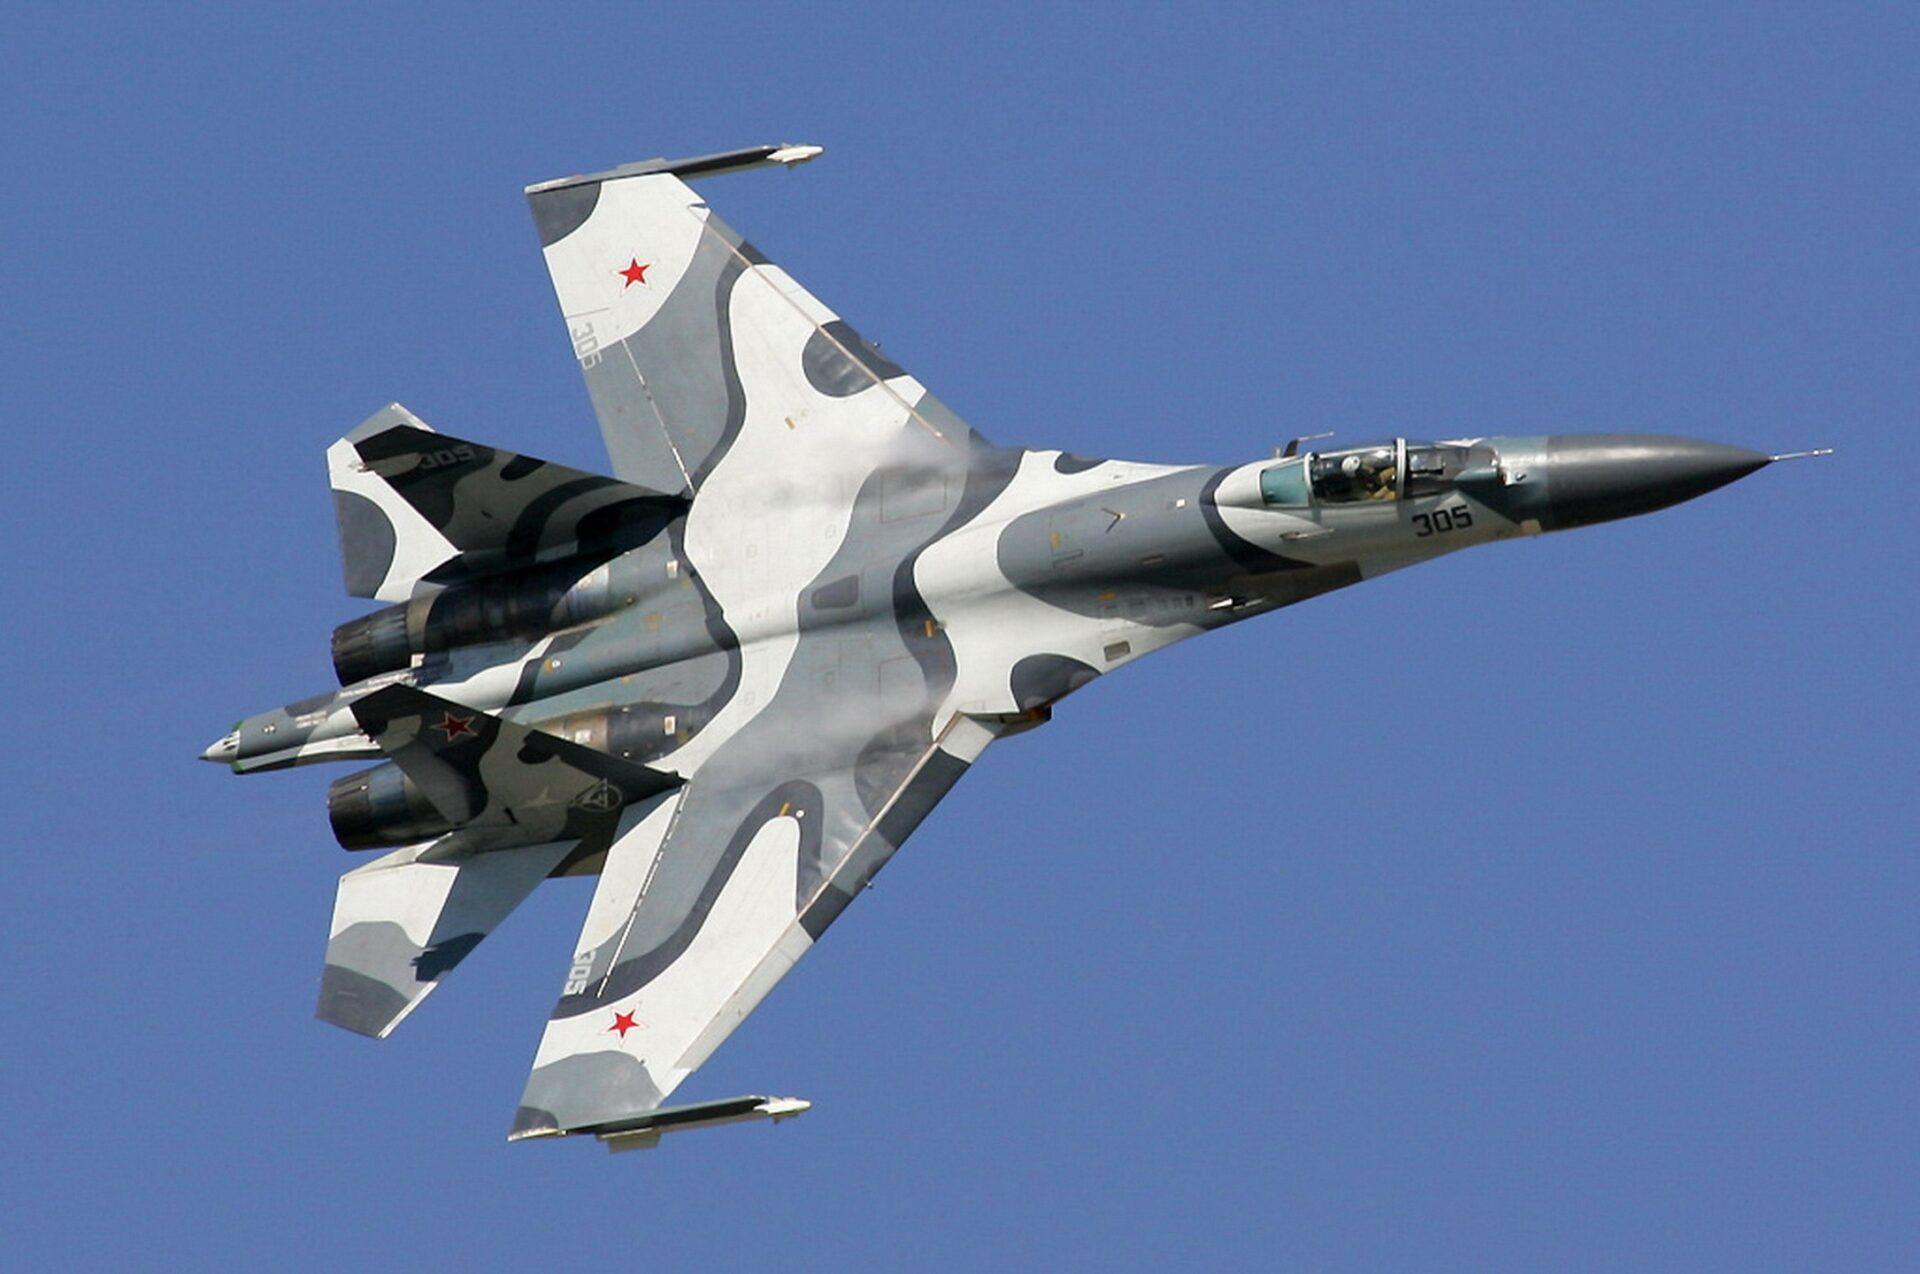 ΚΡΙΣΗ ΜΕ ΓΑΛΛΙΑ: Ρωσικό Su-27 συνόδευσε Γαλλικό κατασκοπευτικό